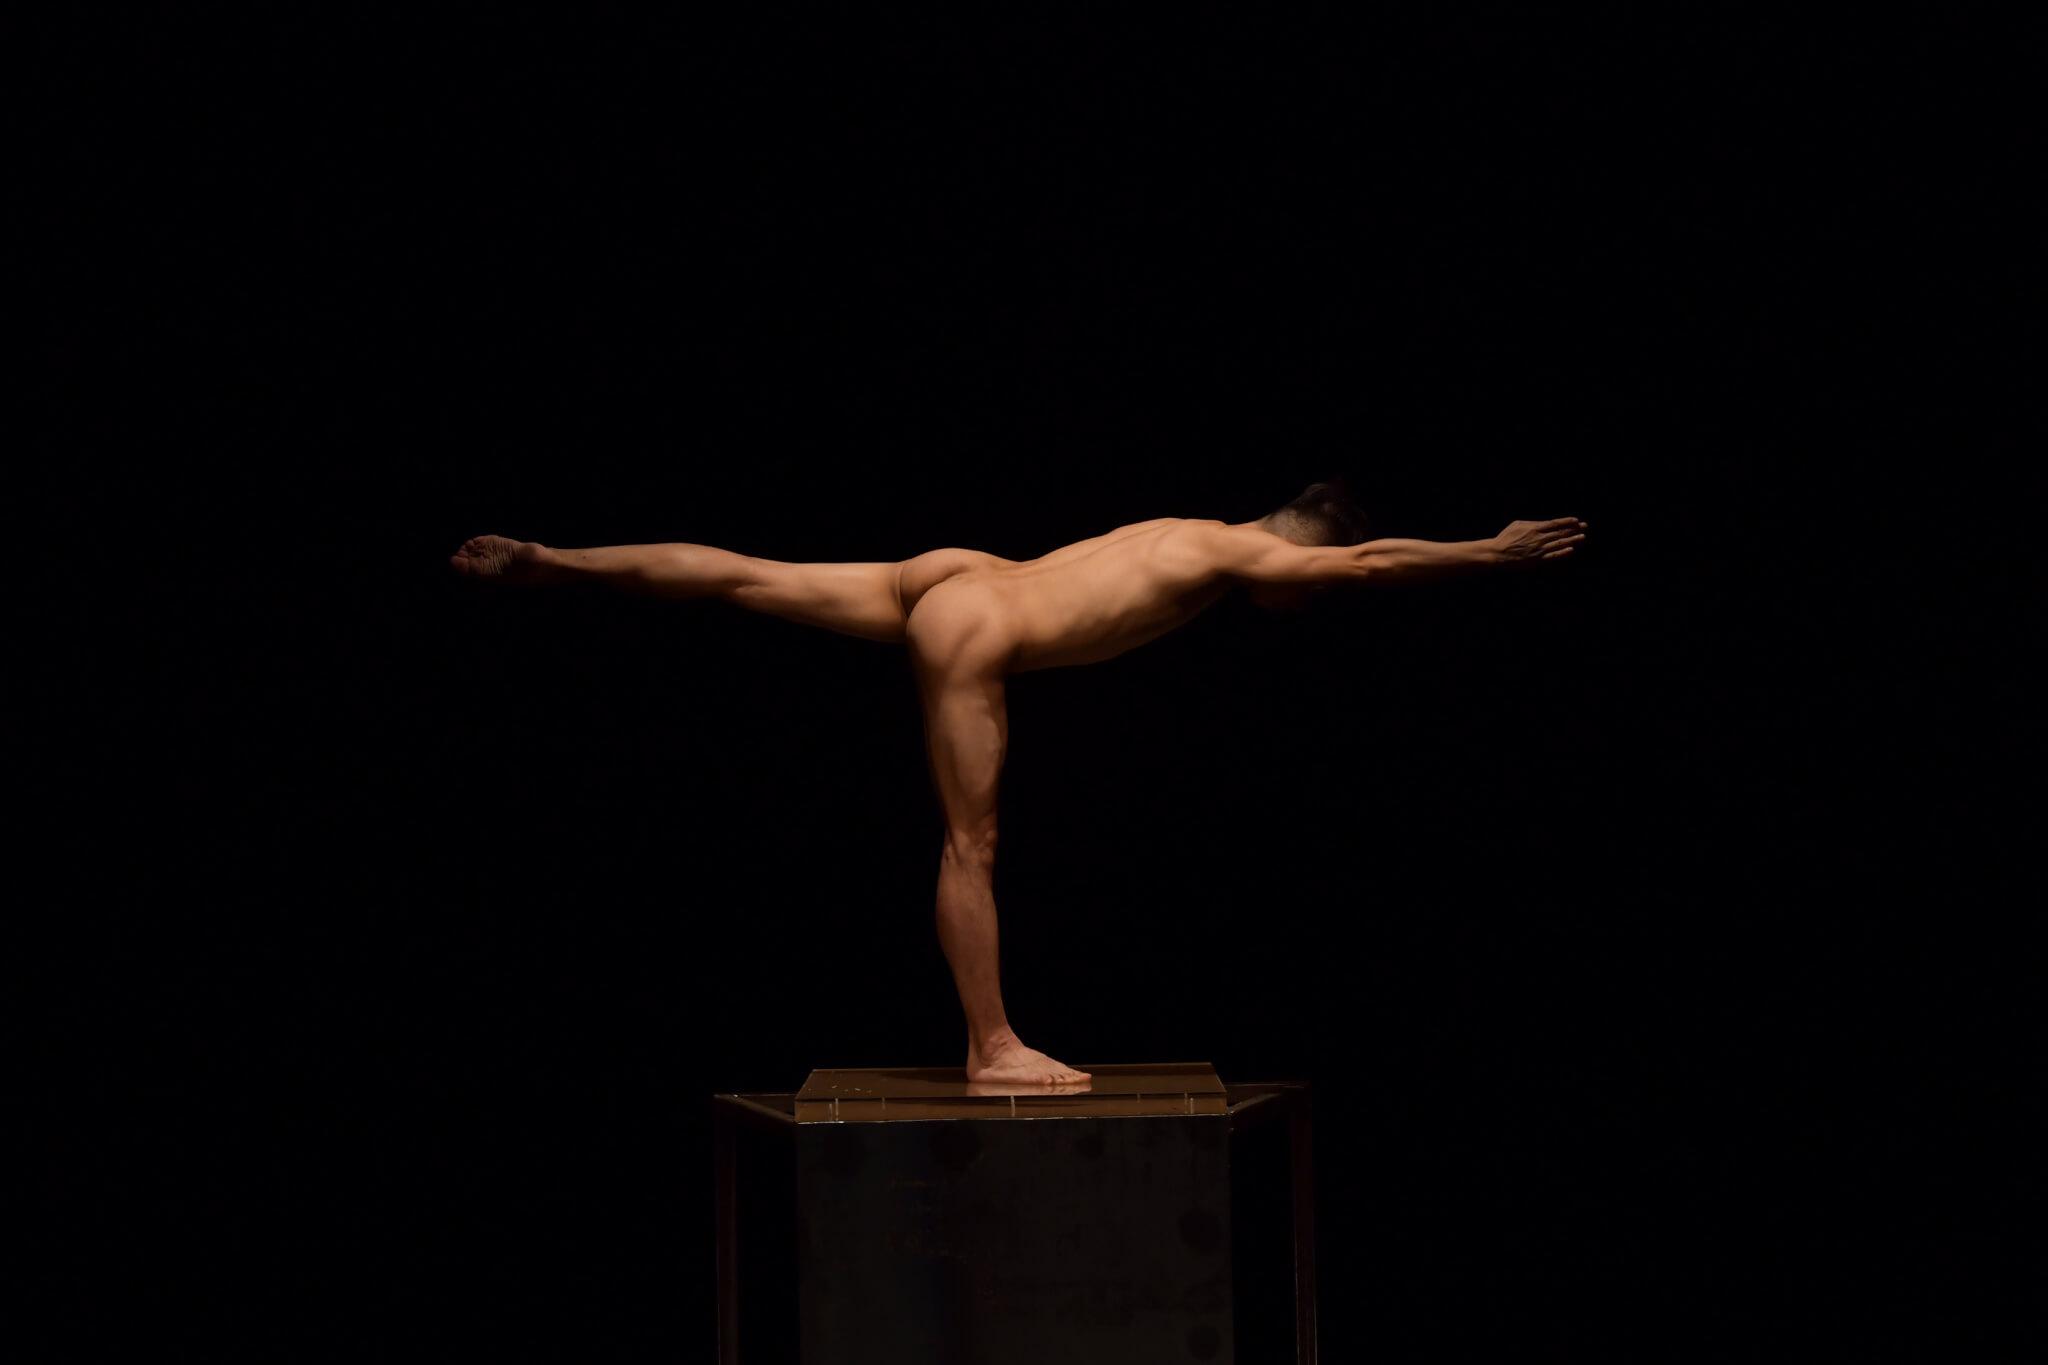 陳凱的作品《尺度線》